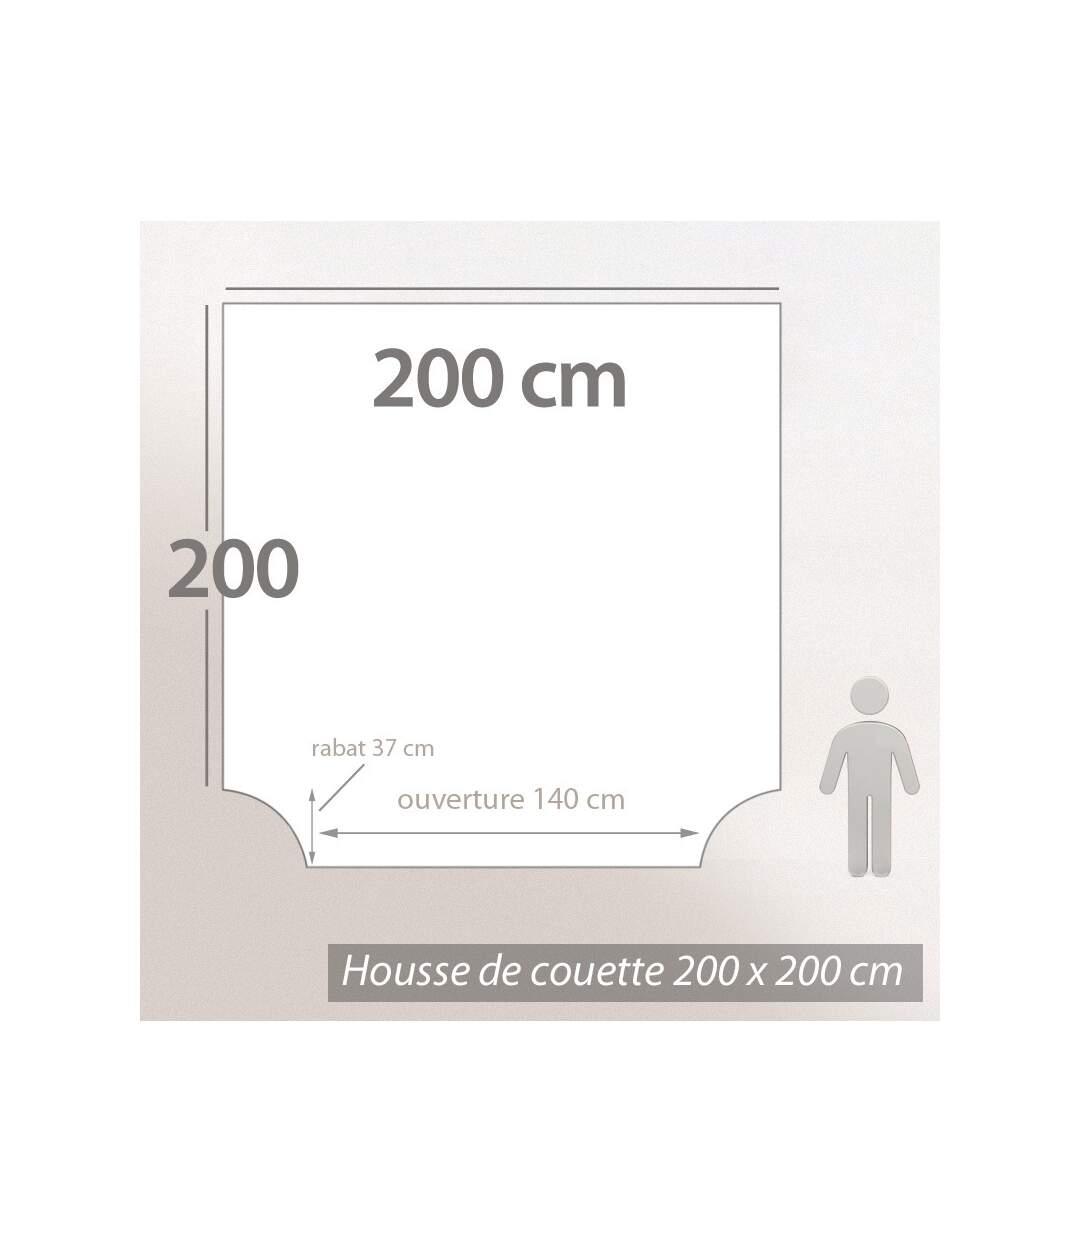 Parure de lit 200x200 cm Percale 100% coton ELEGANCE blanc 3 pièces